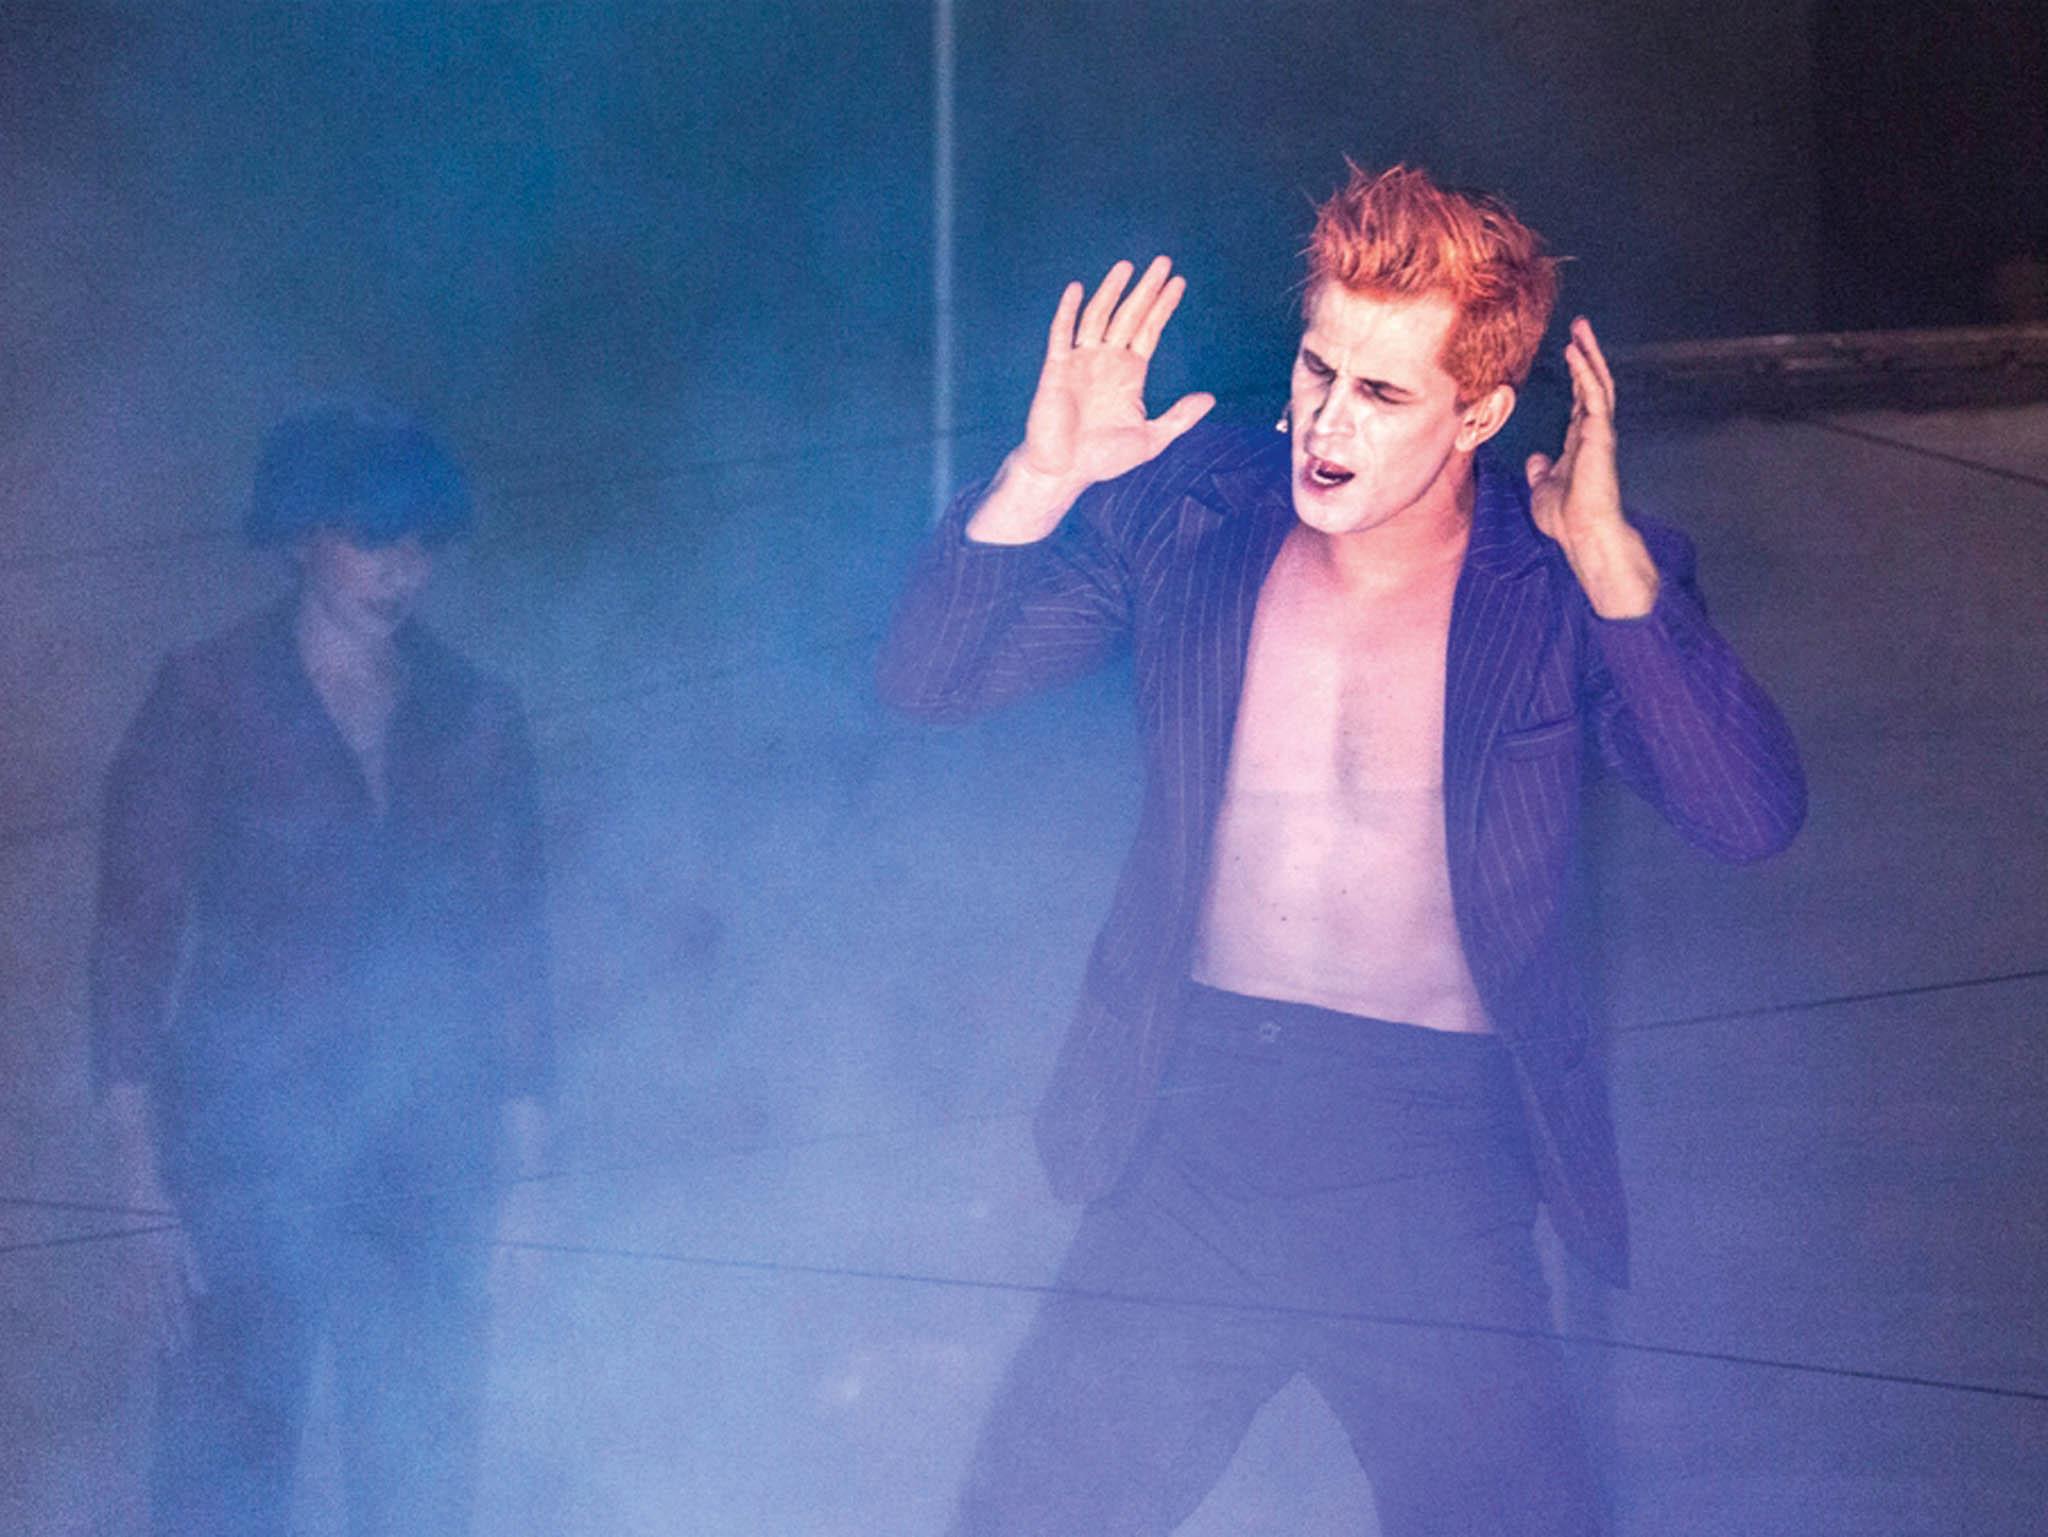 Vkomorním muzikálu, který Bowie napsal sdramatikem Endou Walshem, zazní starší hity i písně z jeho posledního alba.